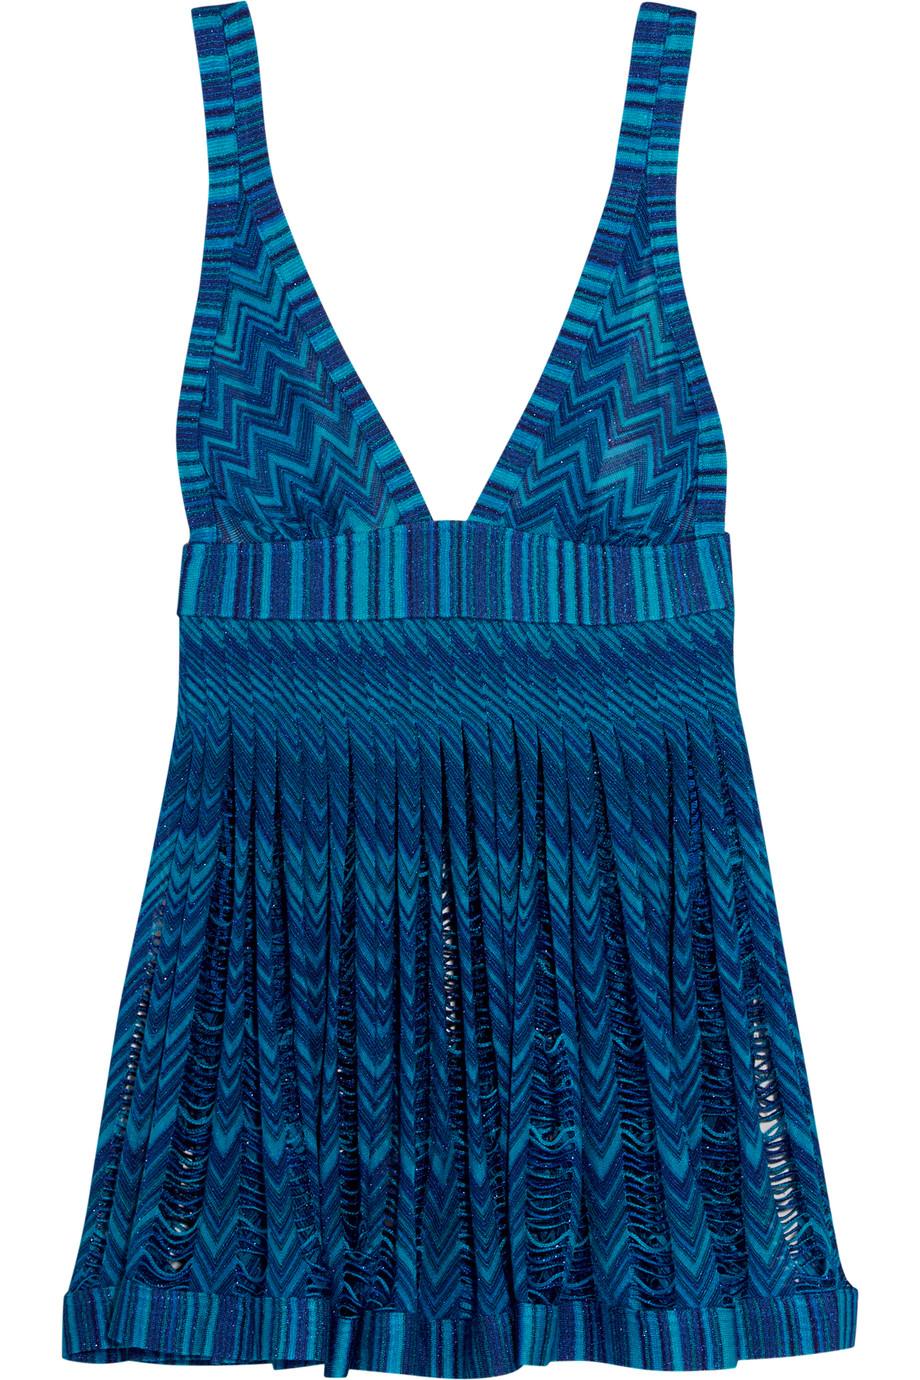 Missoni Mare Pleated Metallic Crochet-Knit Mini Dress, Teal, Women's - Metallic, Size: 48